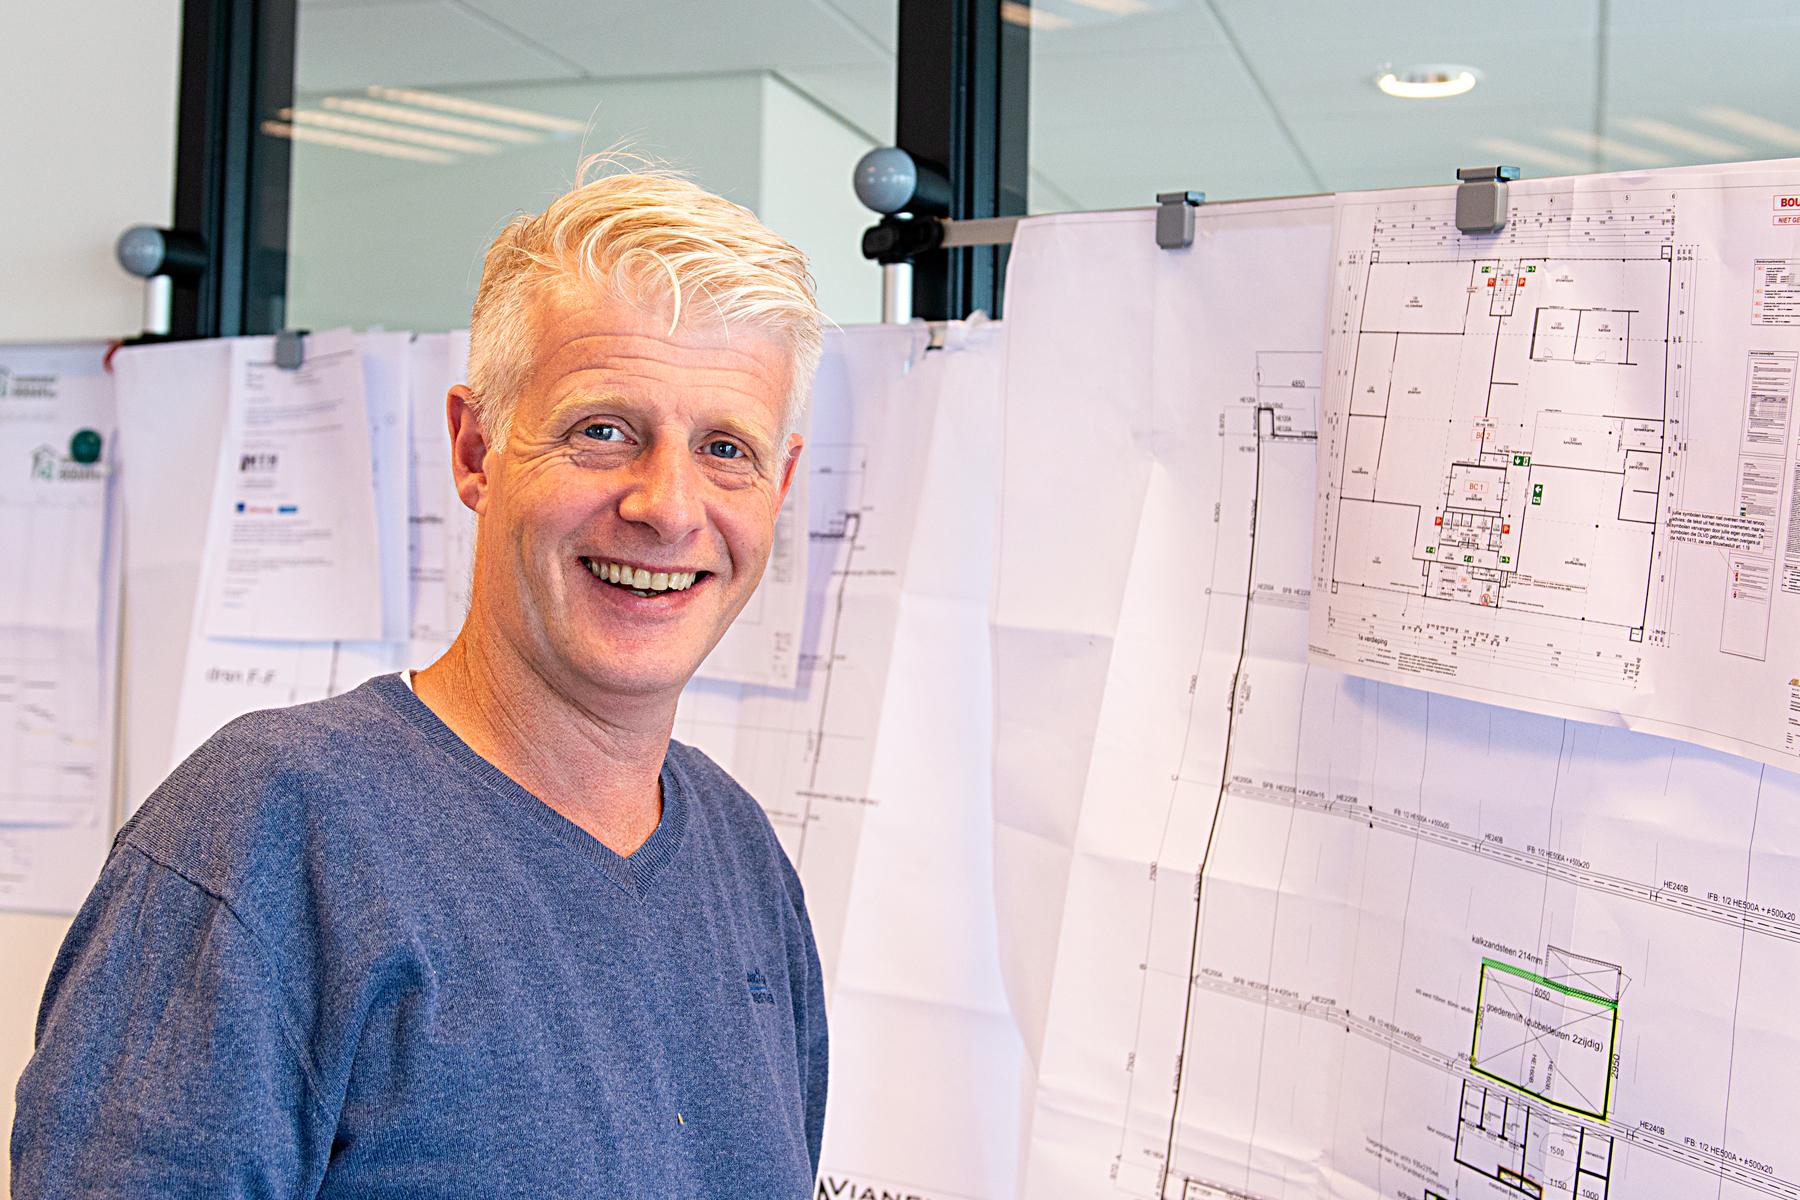 Erik Kouwenberg